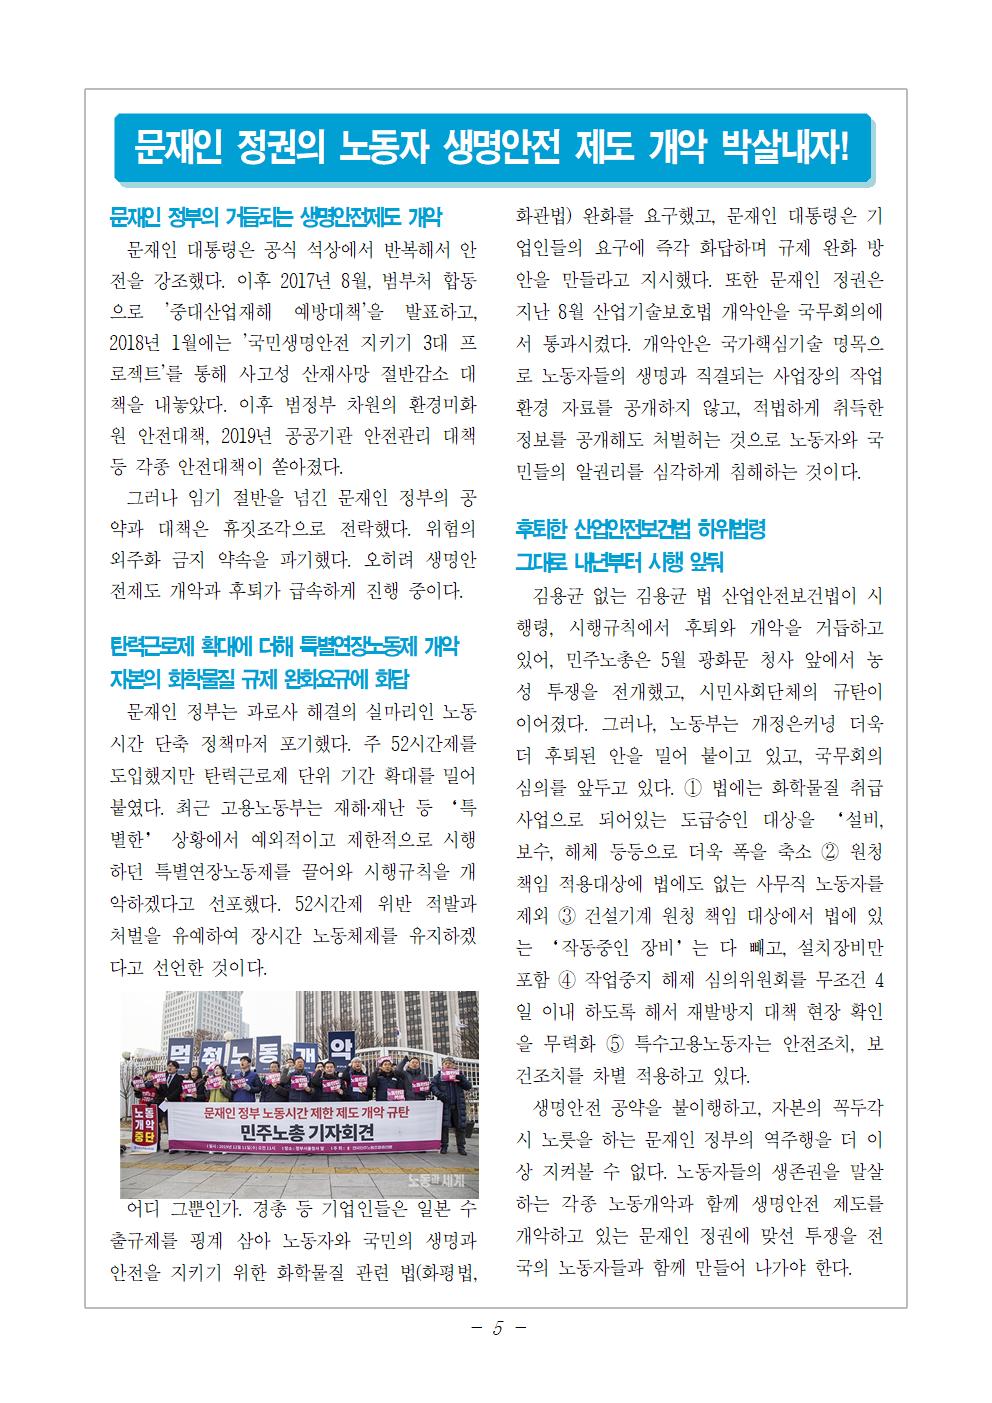 2019_노안순회투쟁교육지_1217005.png